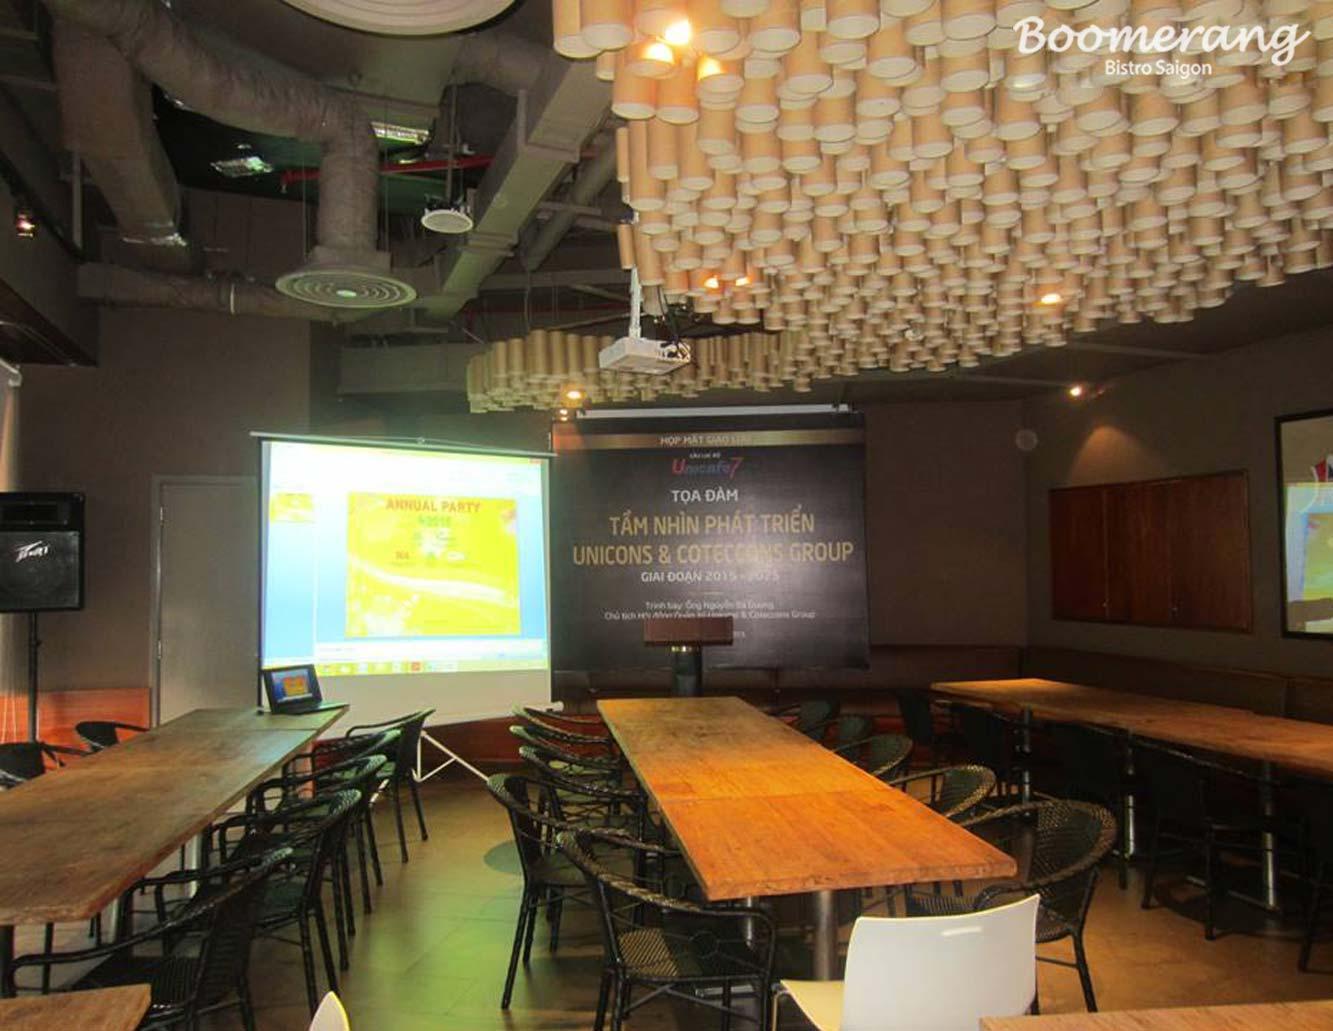 Phòng hợp nhà hàng Boomerang Bistro Saigon